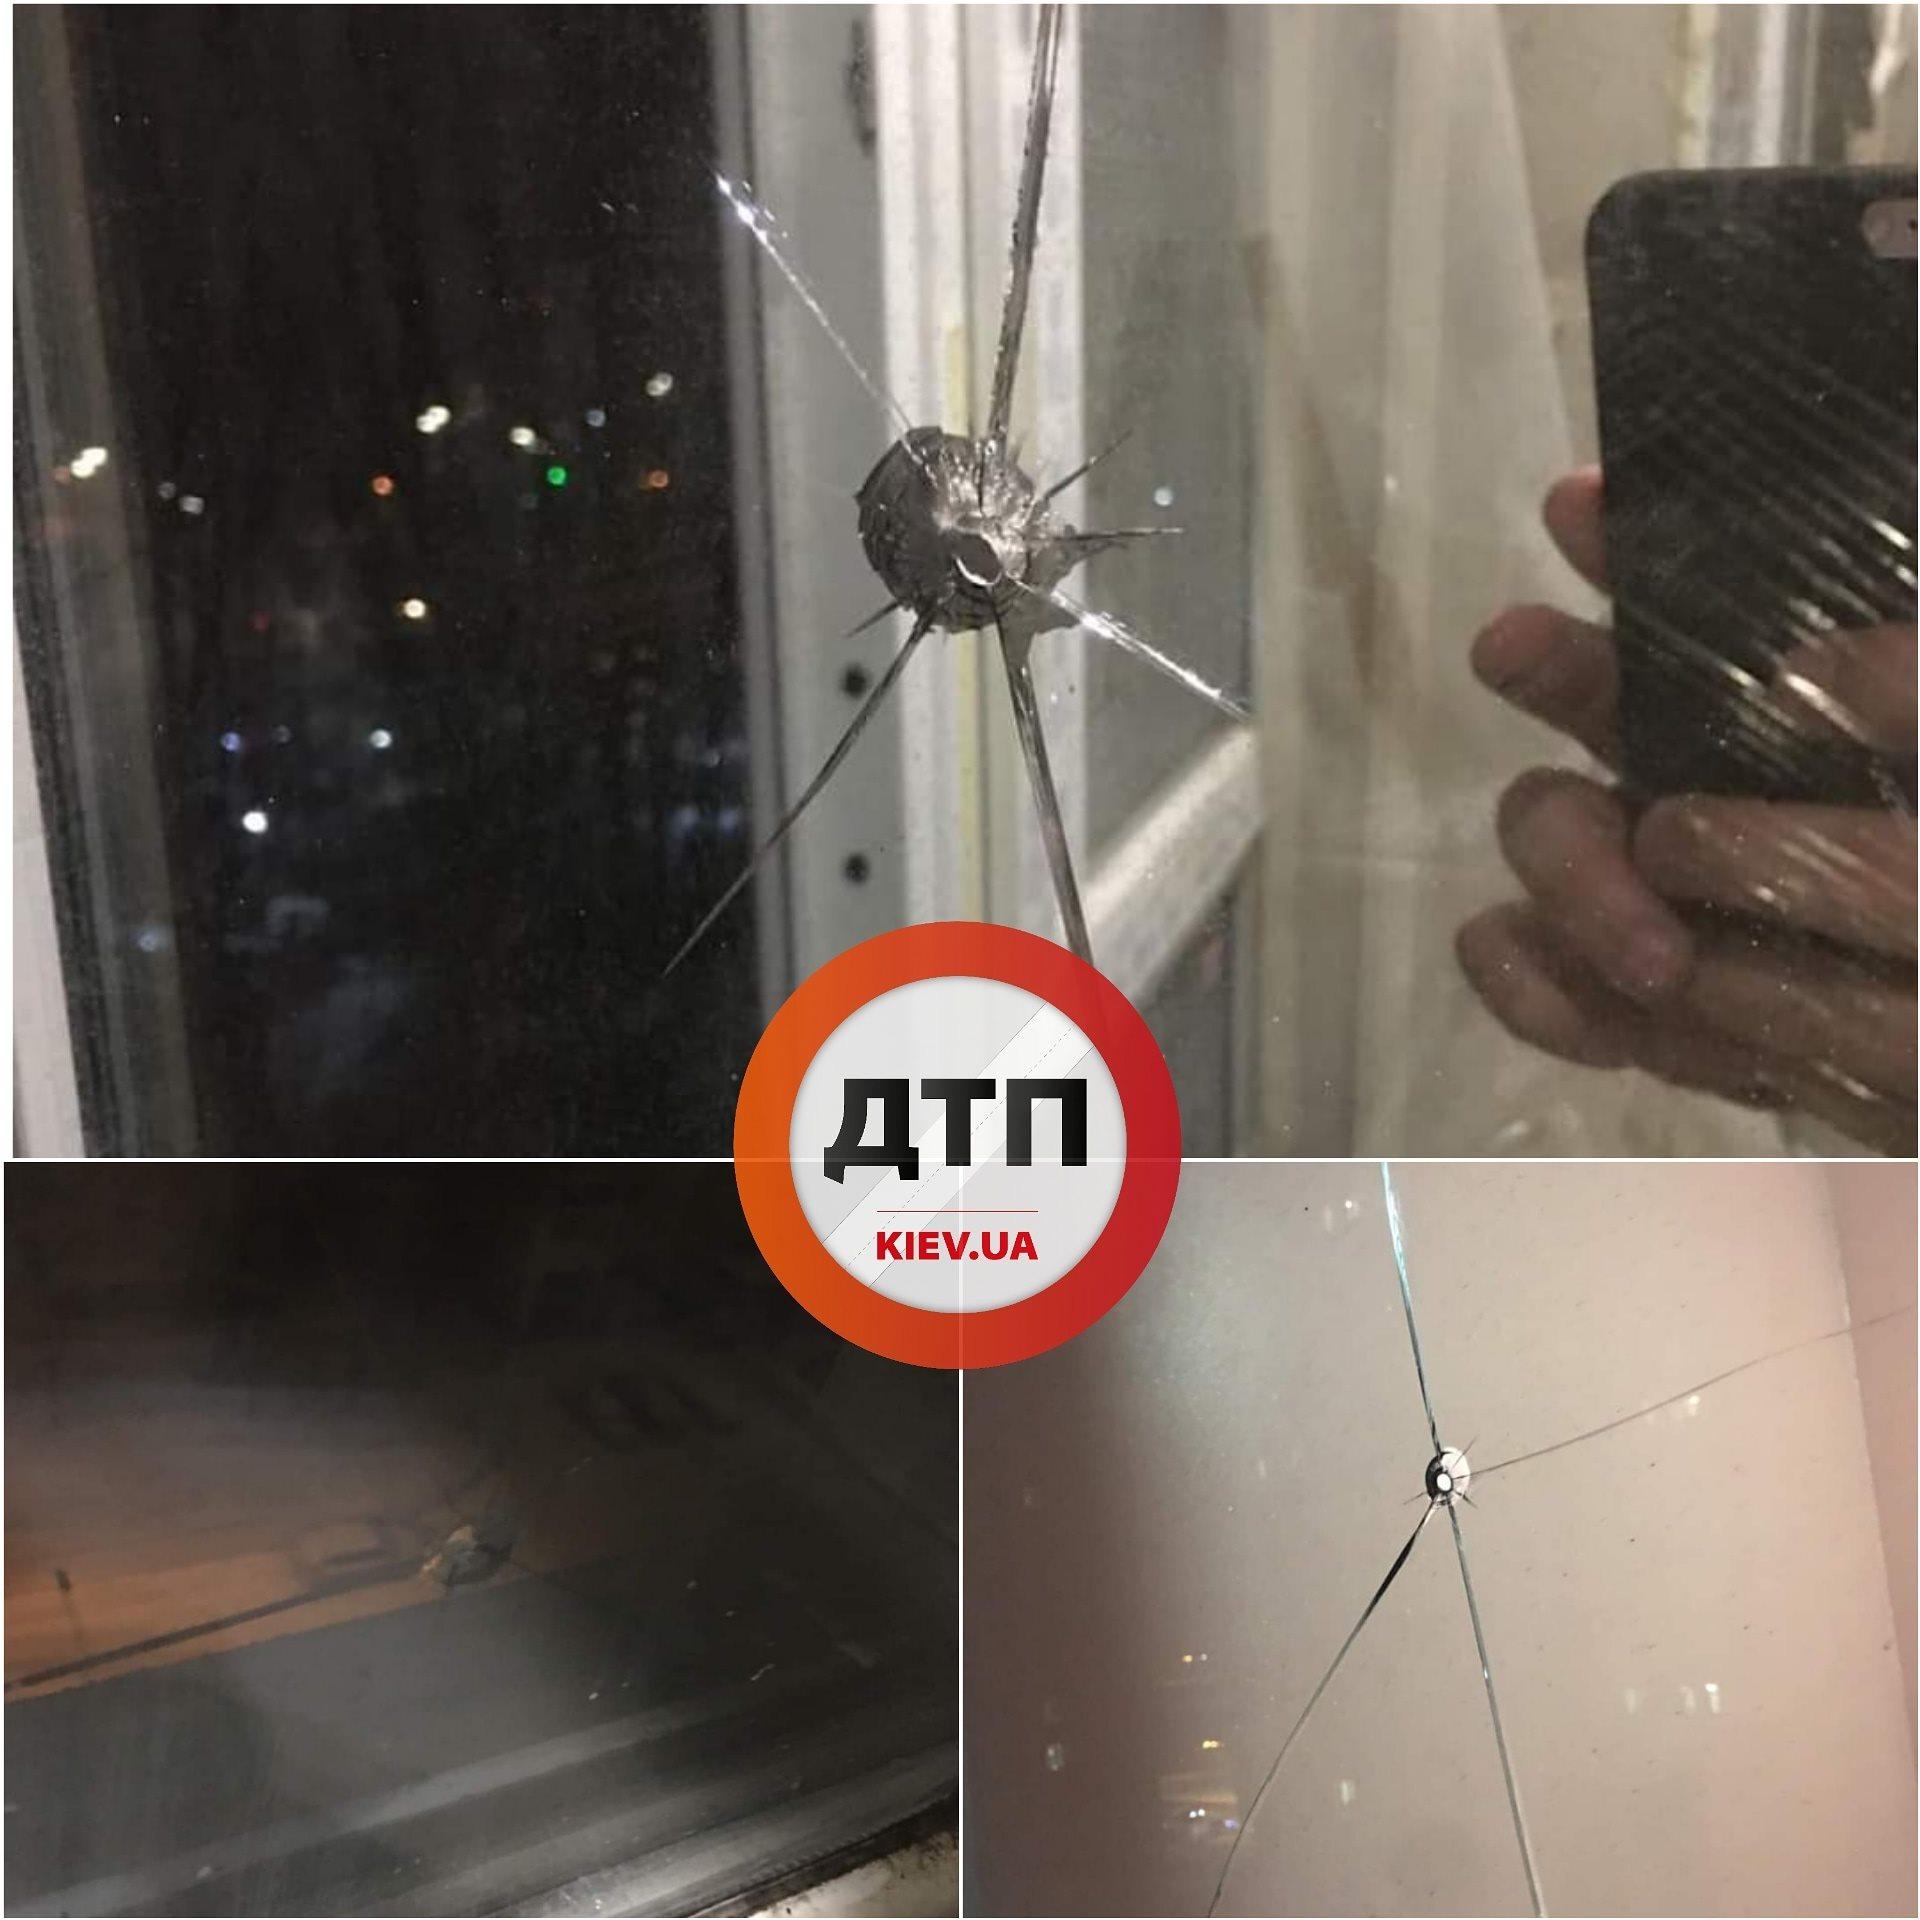 Дірки від куль у вікнах: в столиці обстріляли багатоповерхівку - стрілянина, скло, багатоповерхівка - 145083534 1901075750058309 6095144336064811112 o